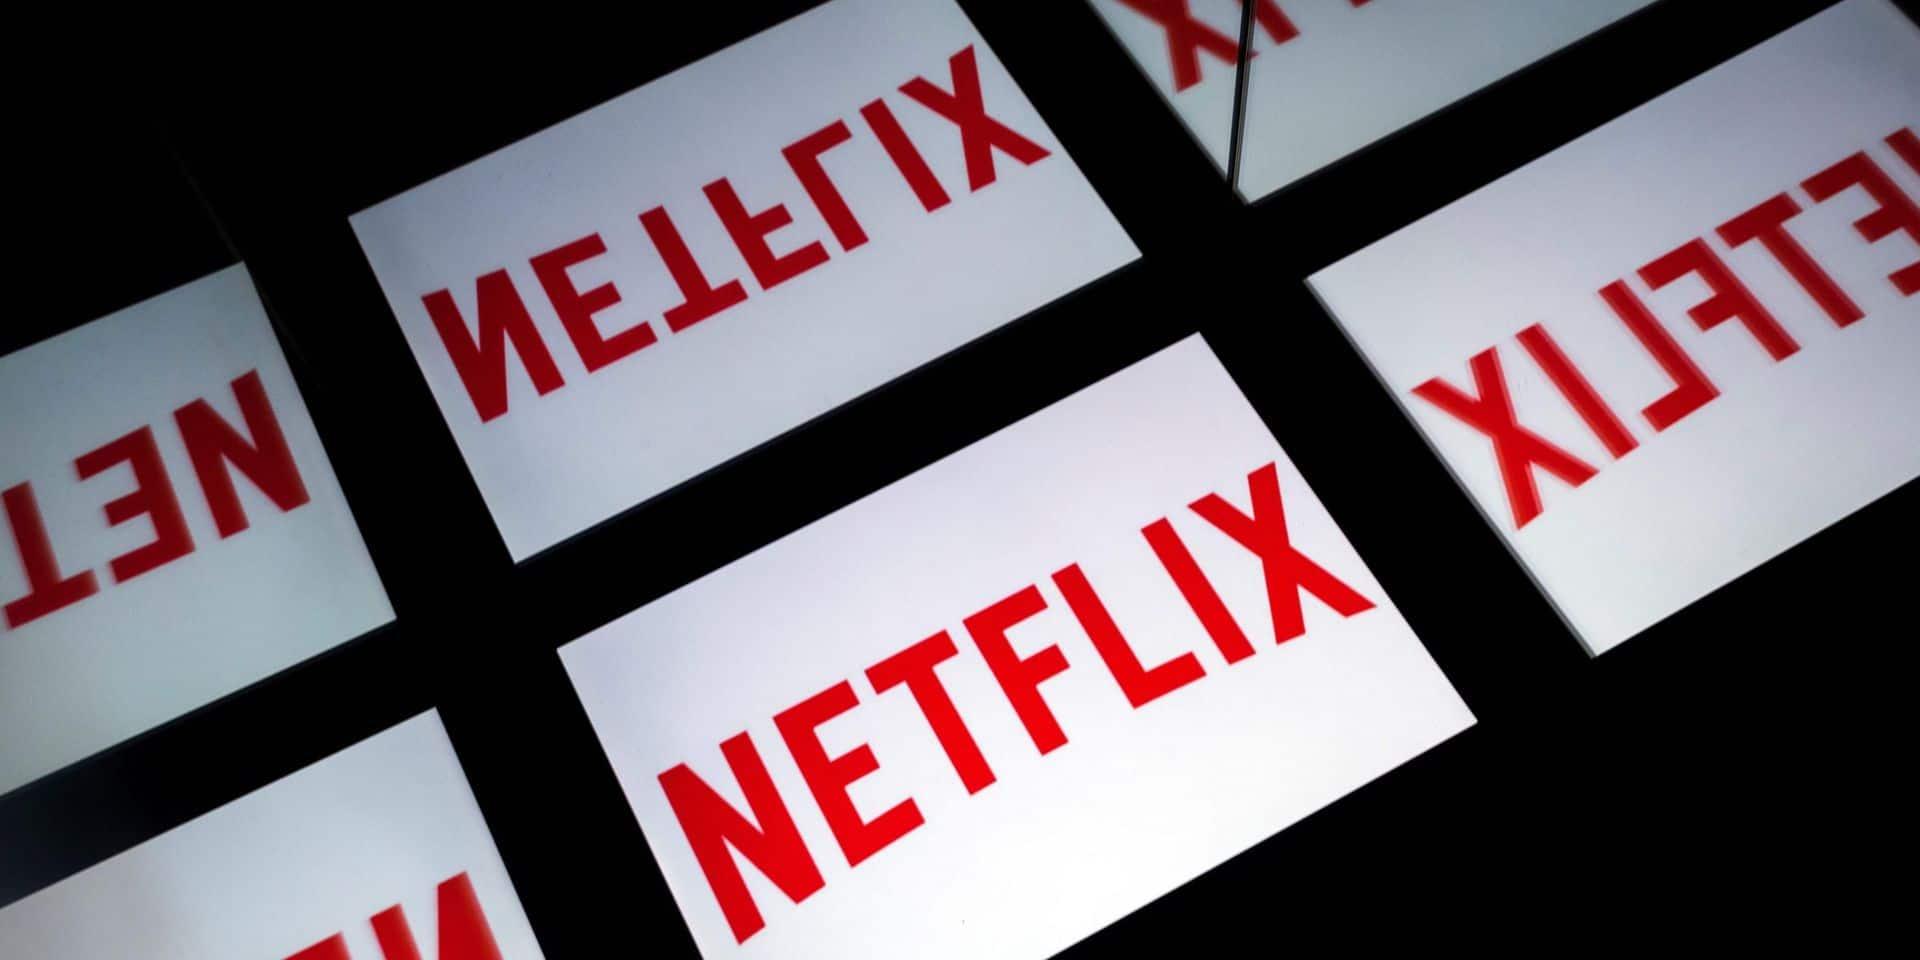 Netflix, recherches sur Google, 4G, envois d'e-mail : les chiffres inquiétants de la pollution numérique